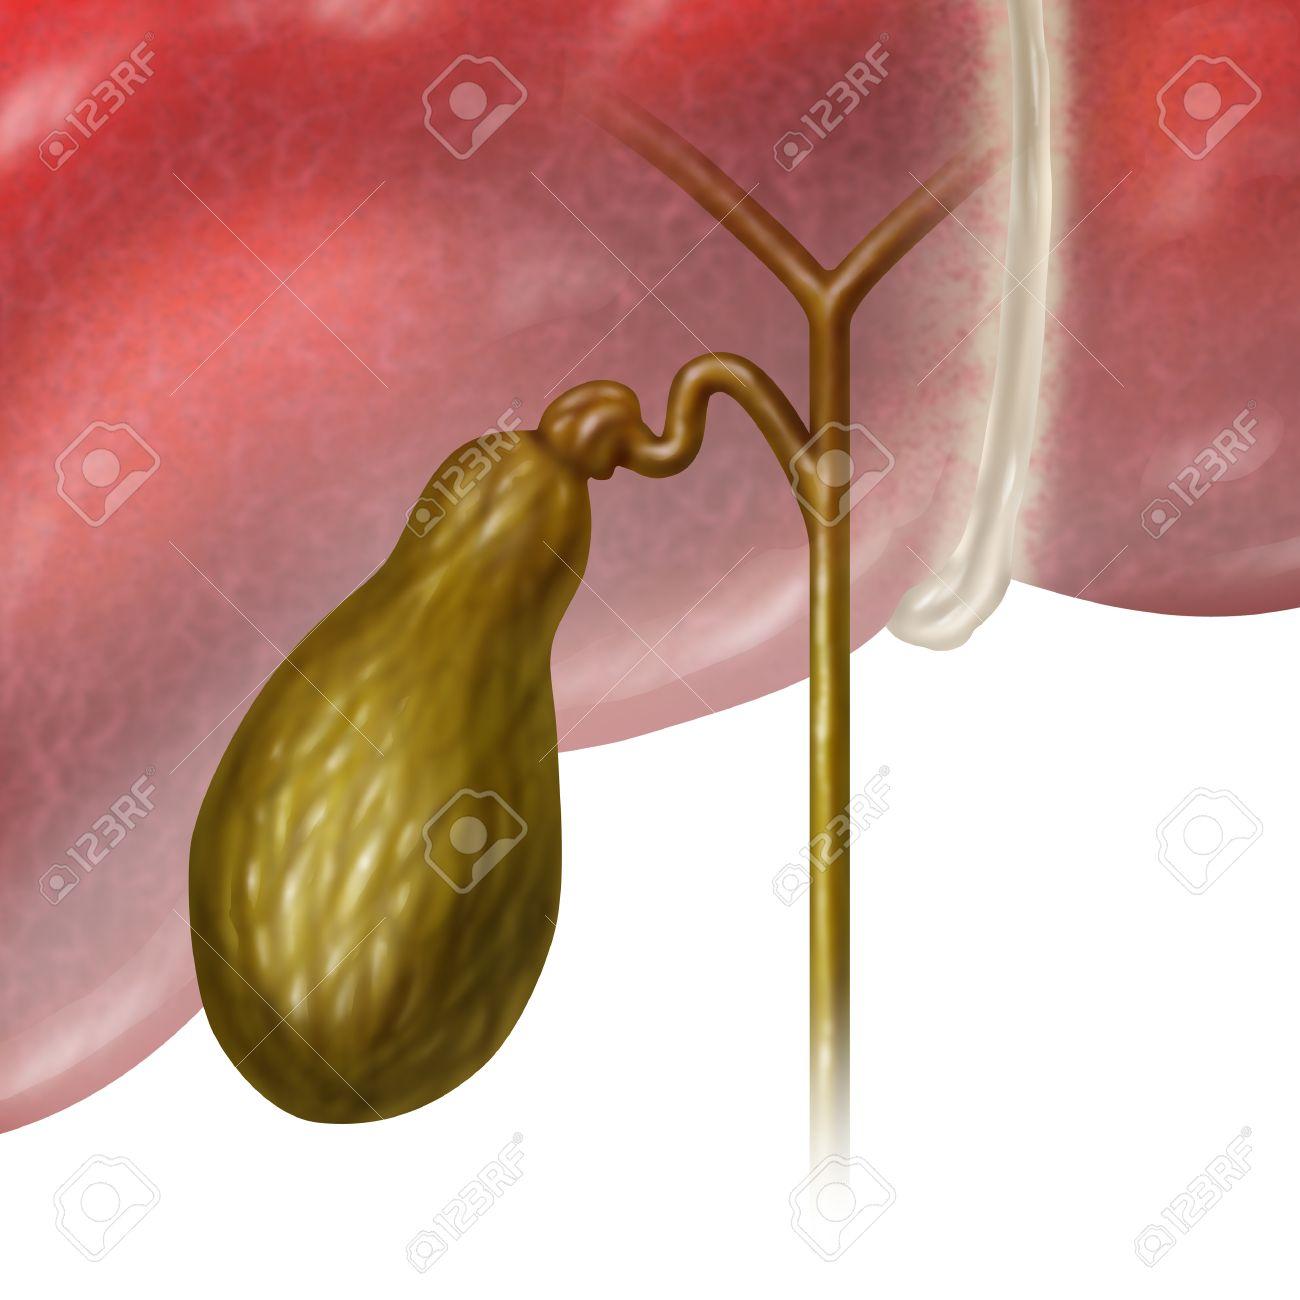 La Vesícula Biliar O Vesícula Biliar órgano Interno Humano Como Una ...